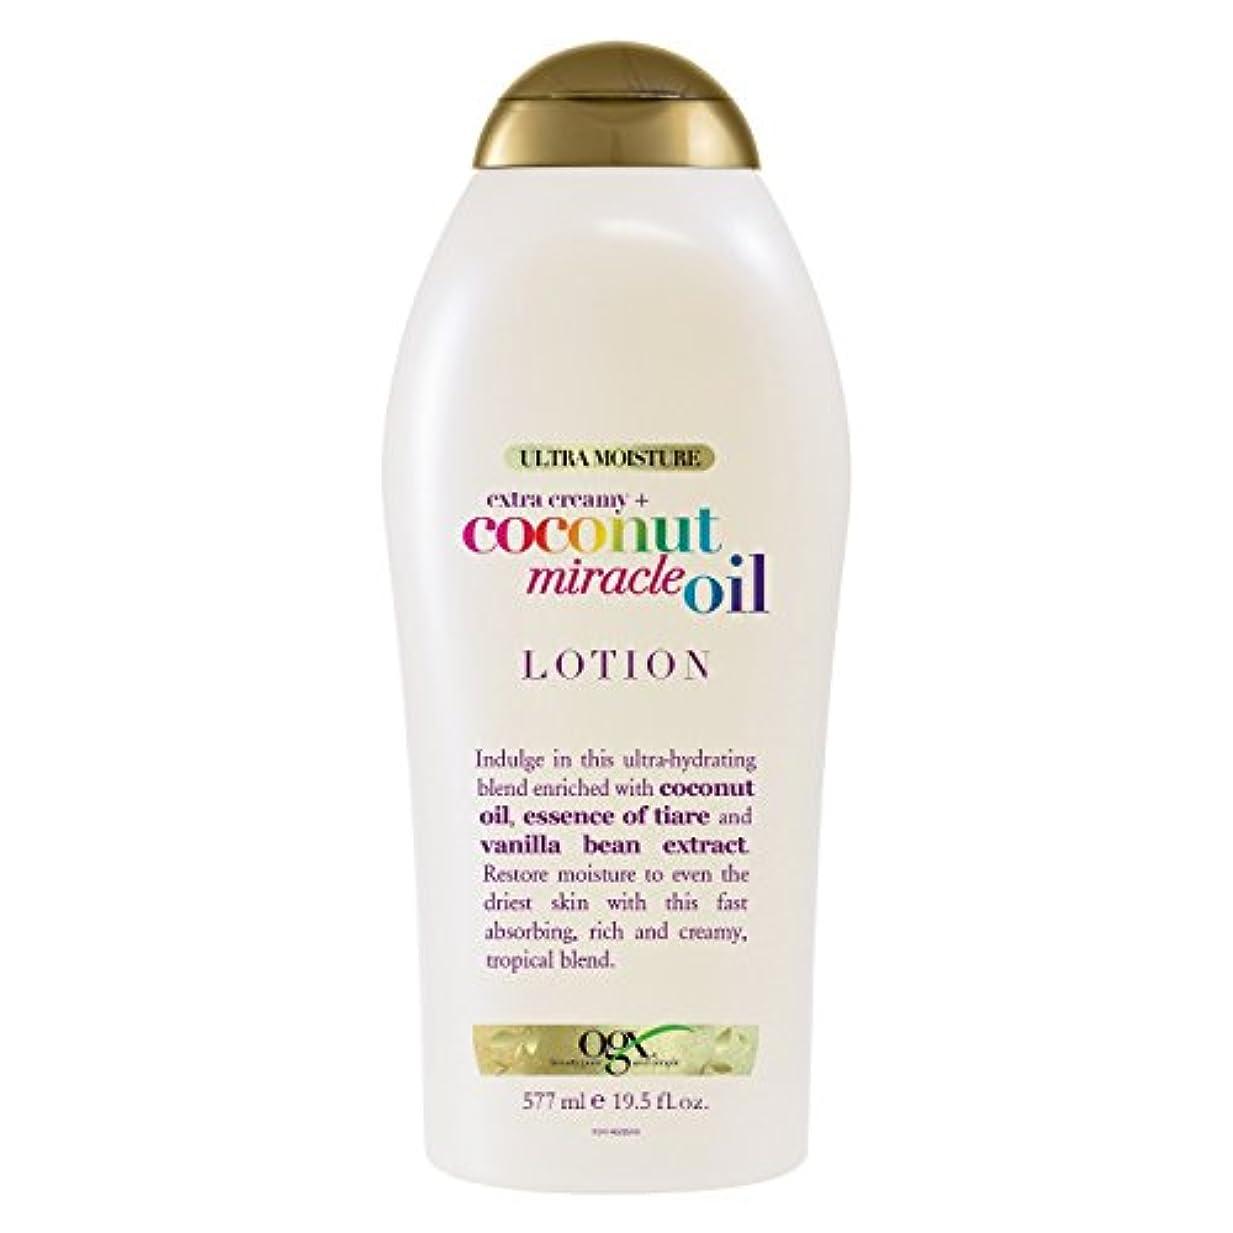 穿孔する稚魚バラ色OGX ミラクル ココナッツ オイル ボディローション Body Lotion Coconut Oil Miracle 19.5 Ounce (577ml) [並行輸入品]